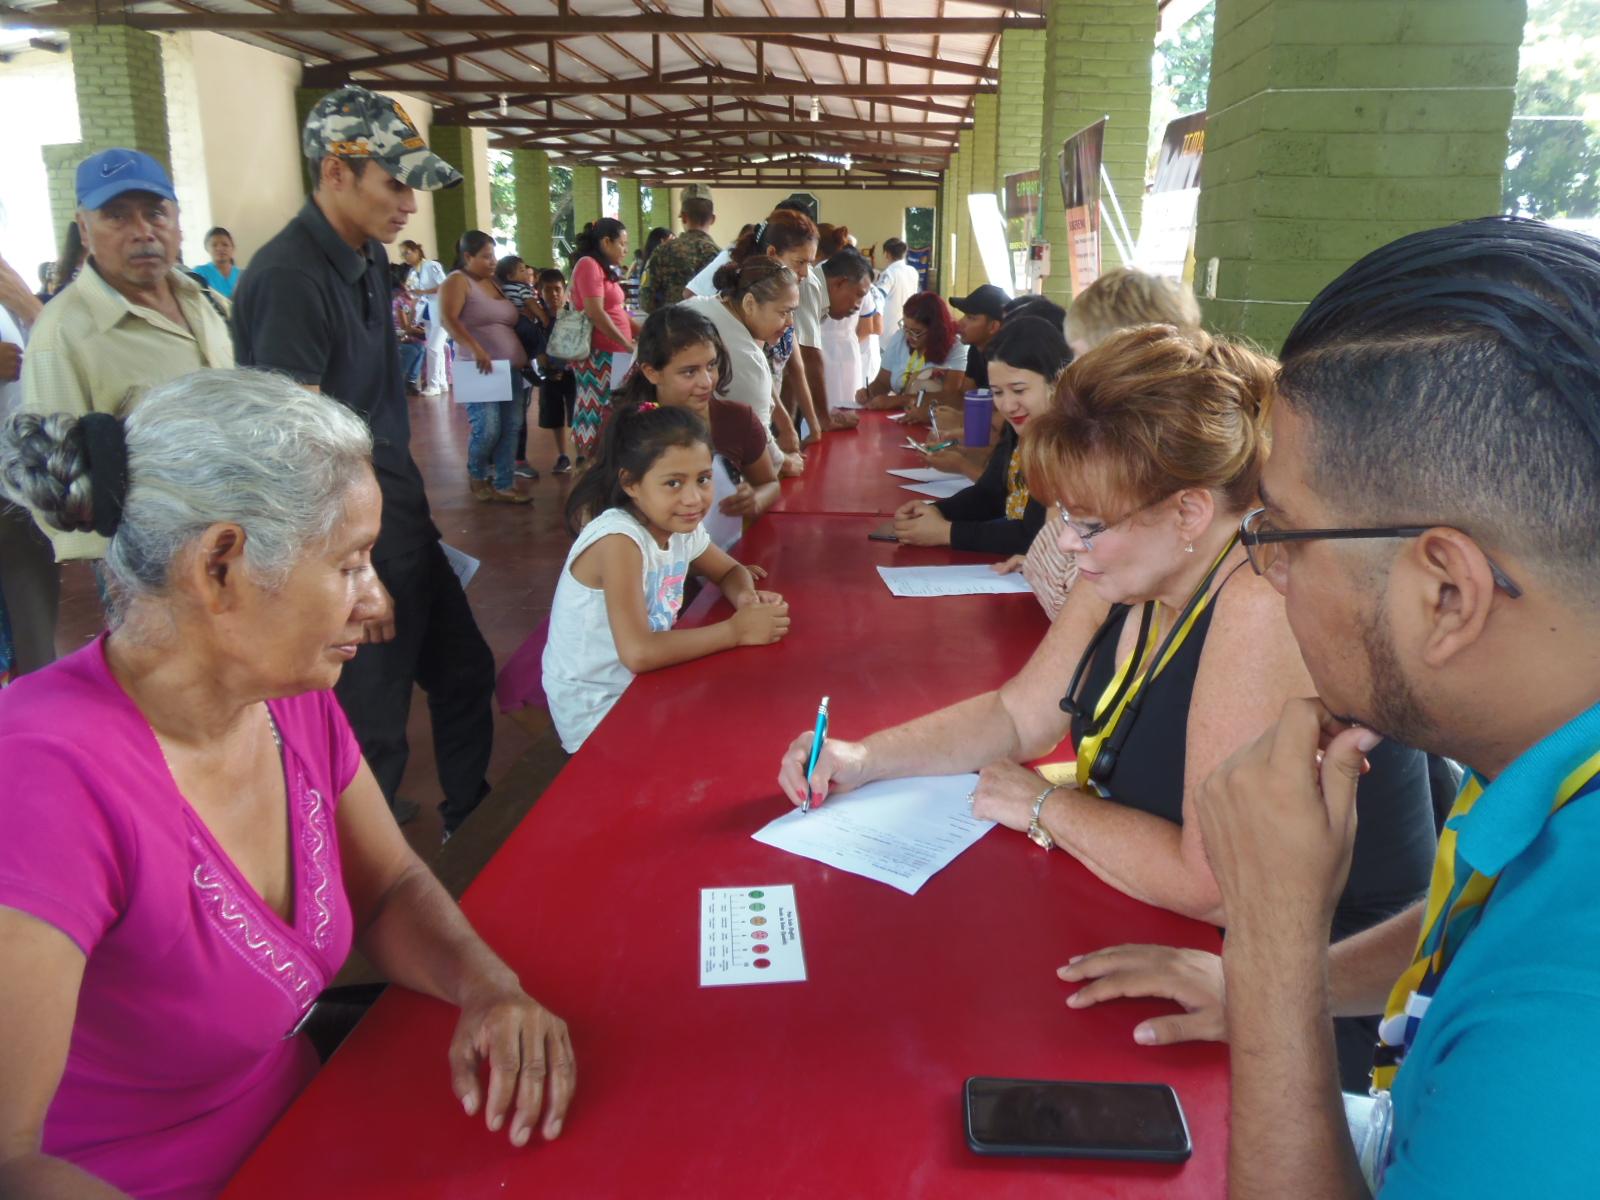 Santanecos beneficiados con Brigada Medica, organizada por Club Rotario Santa Ana.